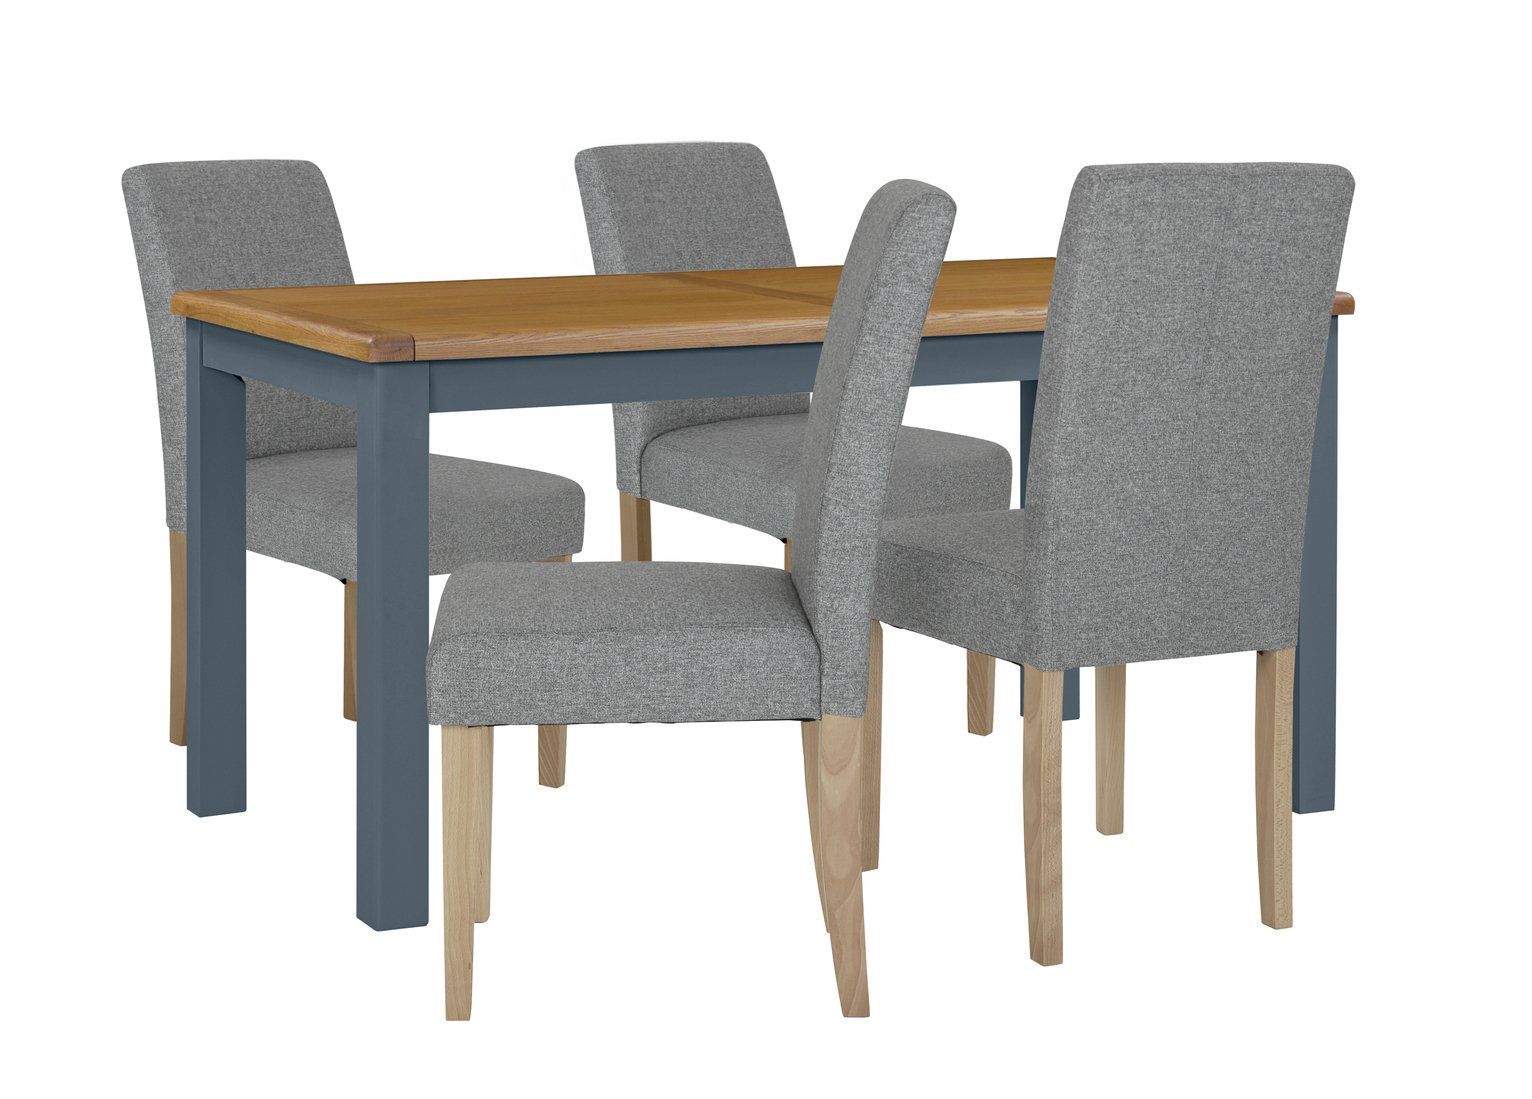 Argos Home Kent Wood Veneer Dining Table & 4 Grey Chairs